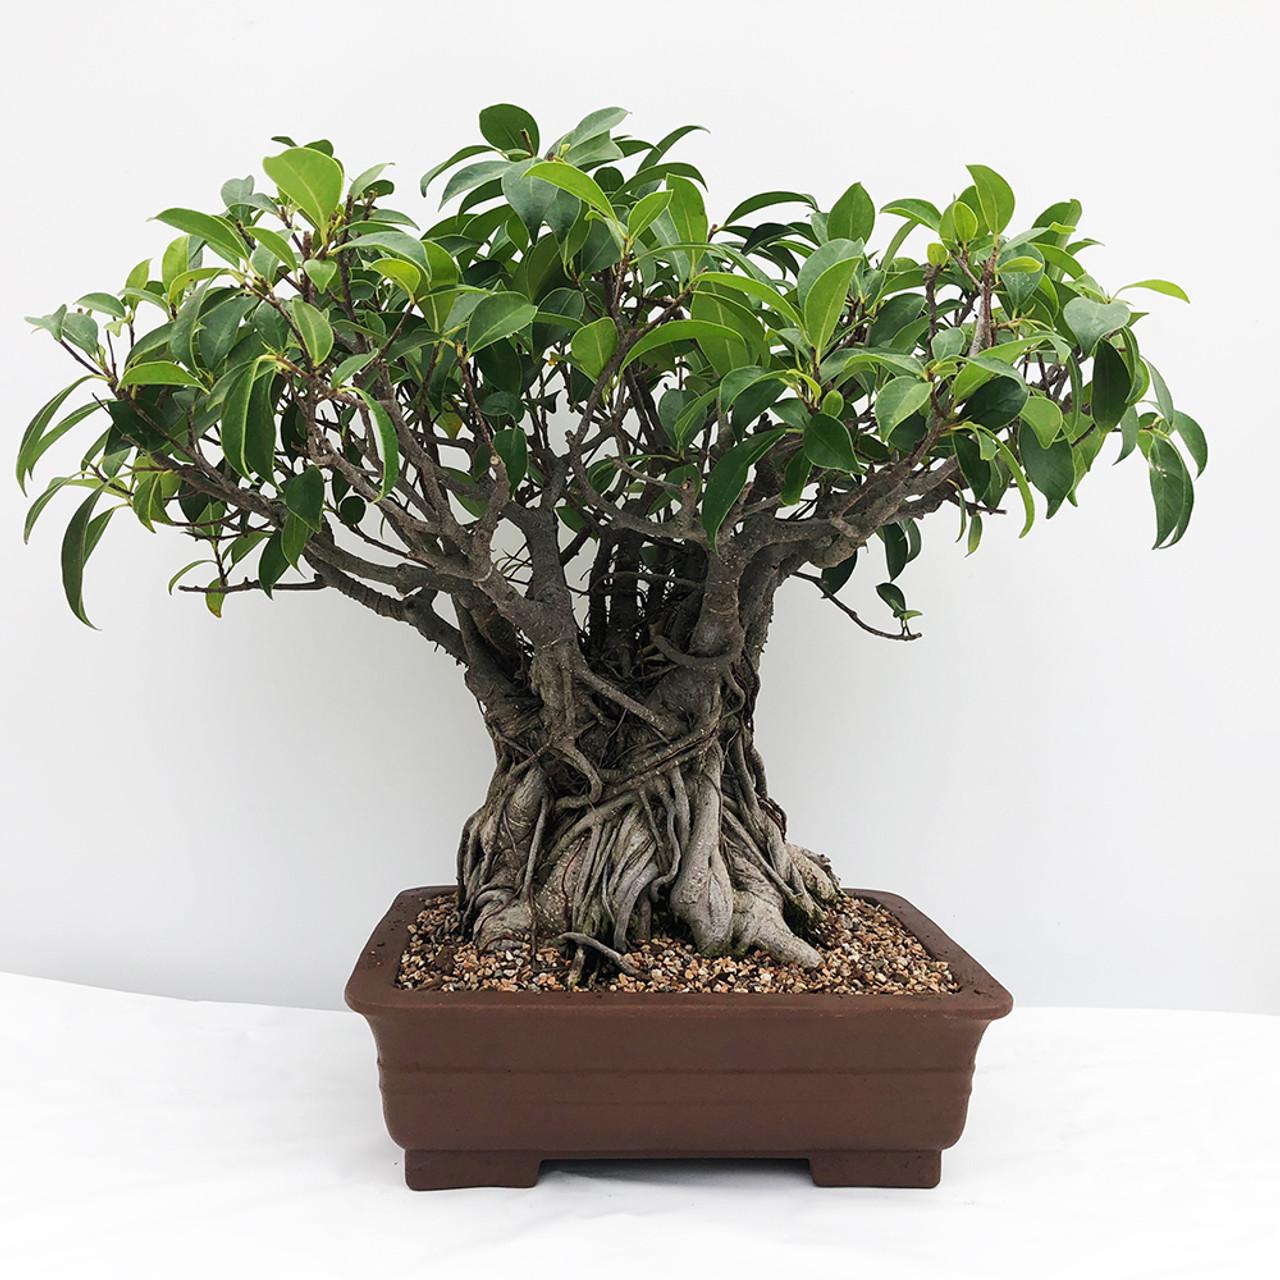 Large Tiger Bark Ficus Bonsai Tree Bonsai Outlet